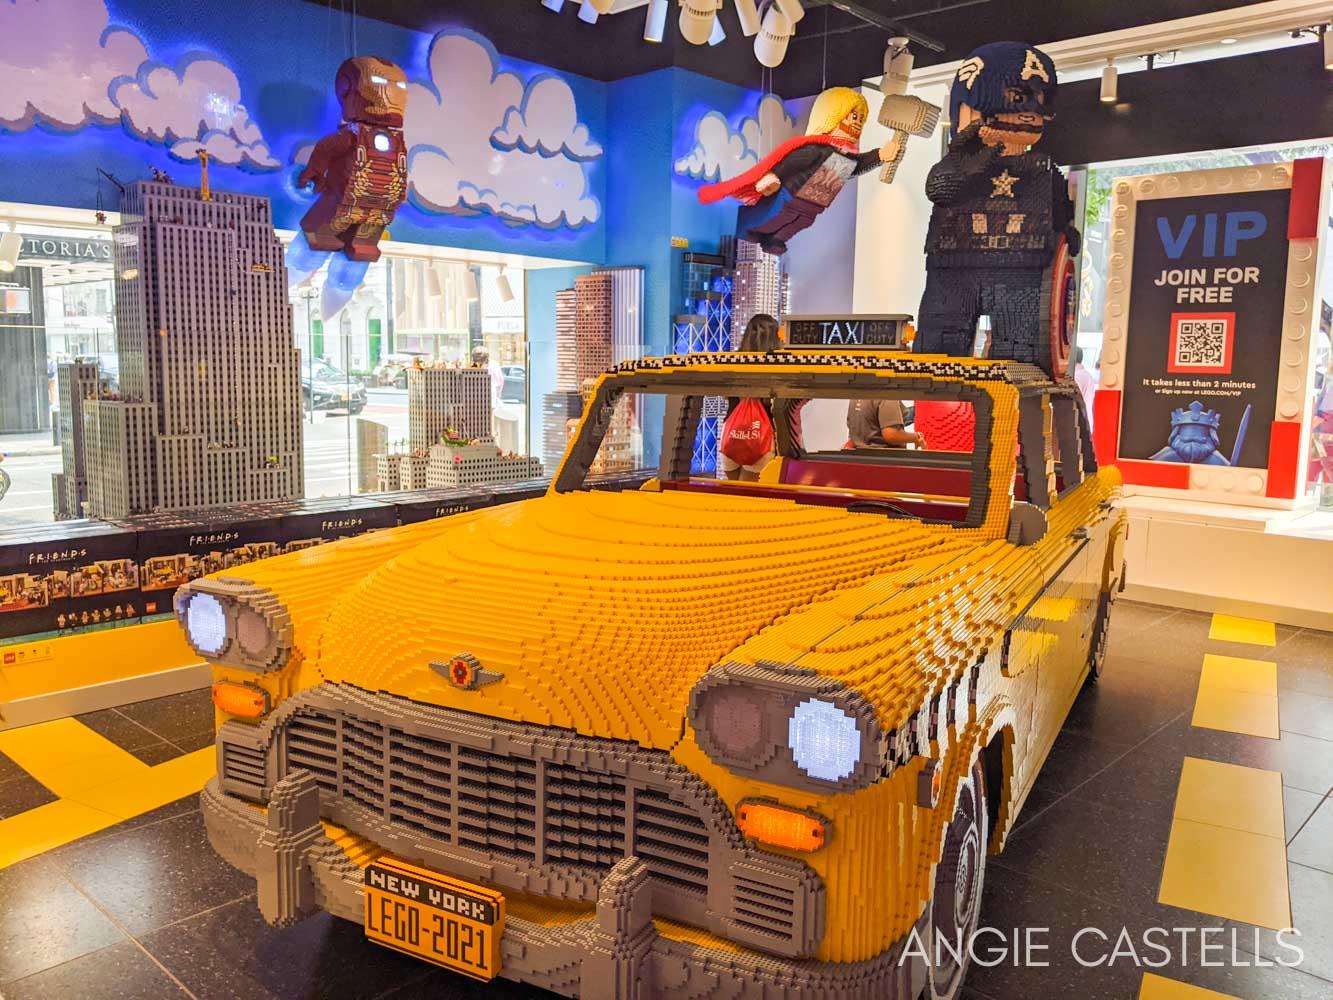 Visitar la tienda Lego de Nueva York - Lego Store 5th Avenue